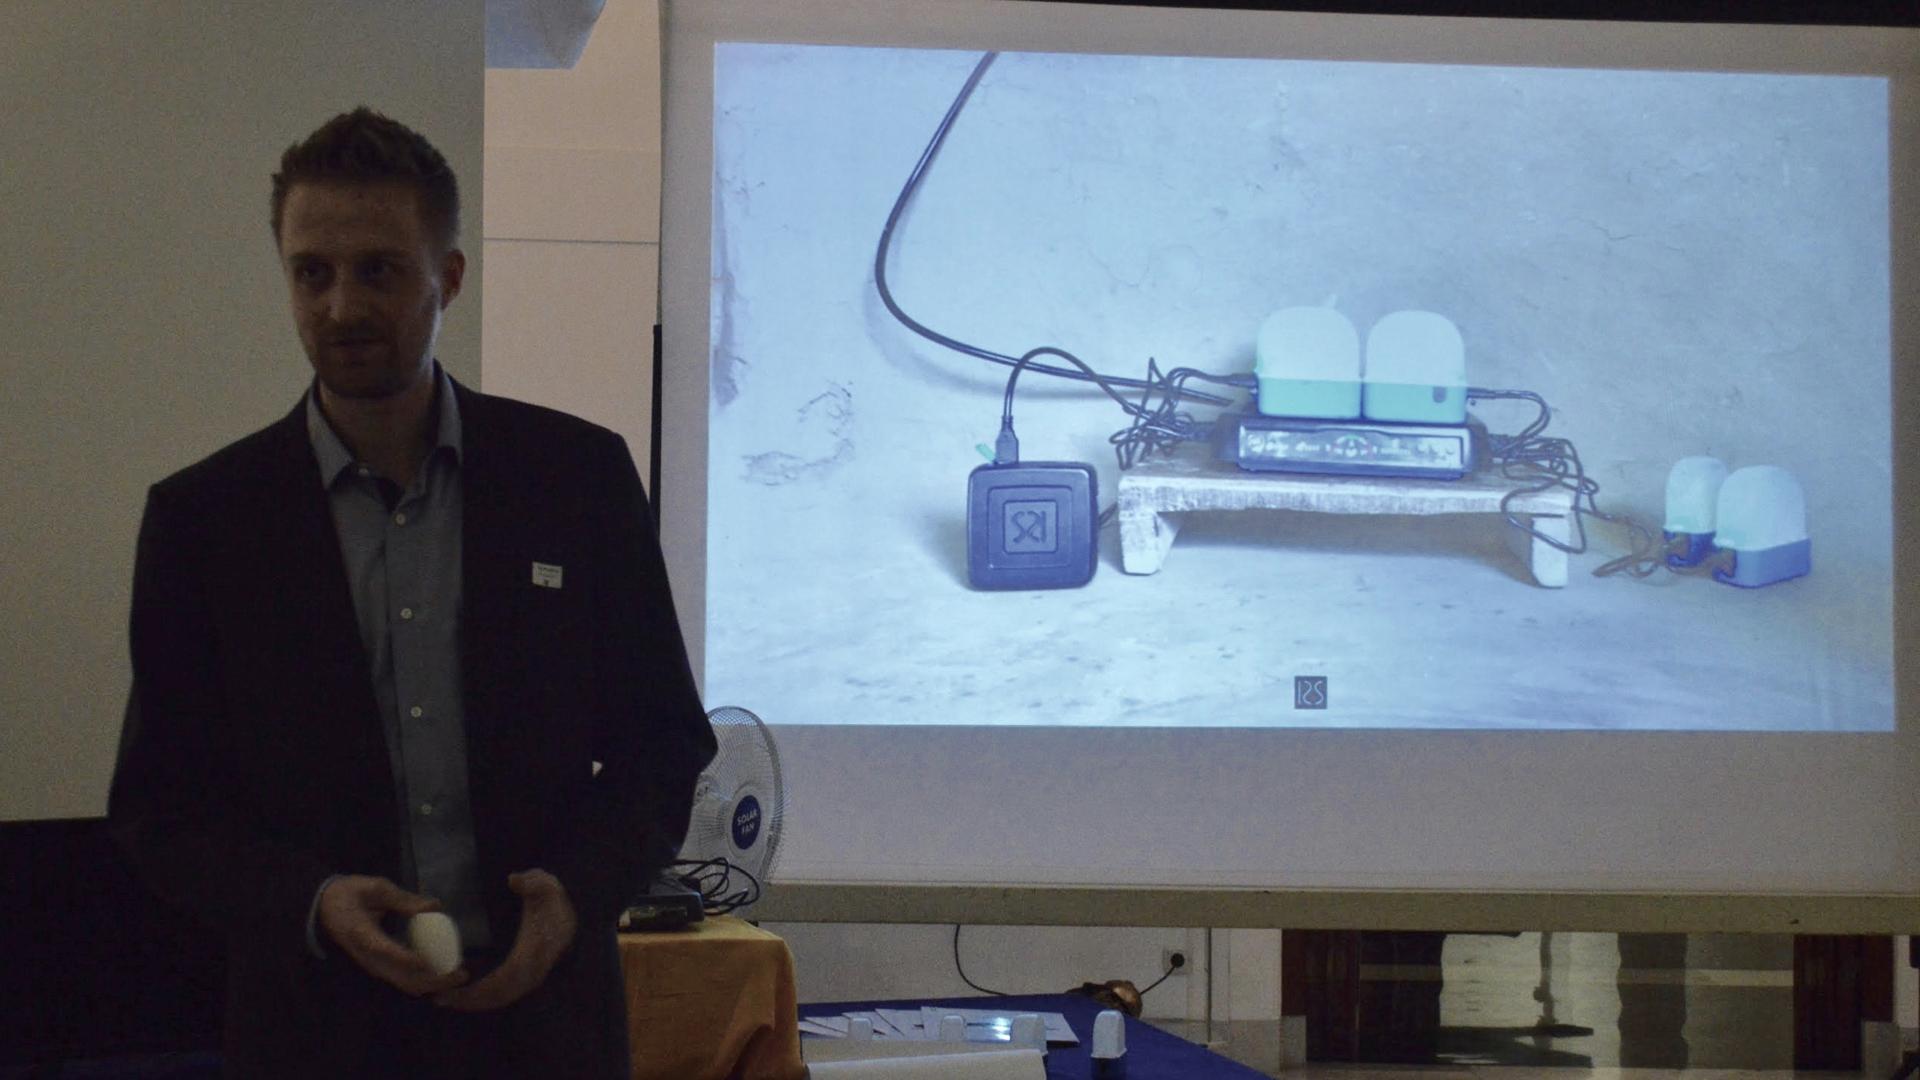 Evan Mertens, co-founder of Rural Spark, showing the new Rural Spark Energy Kit.